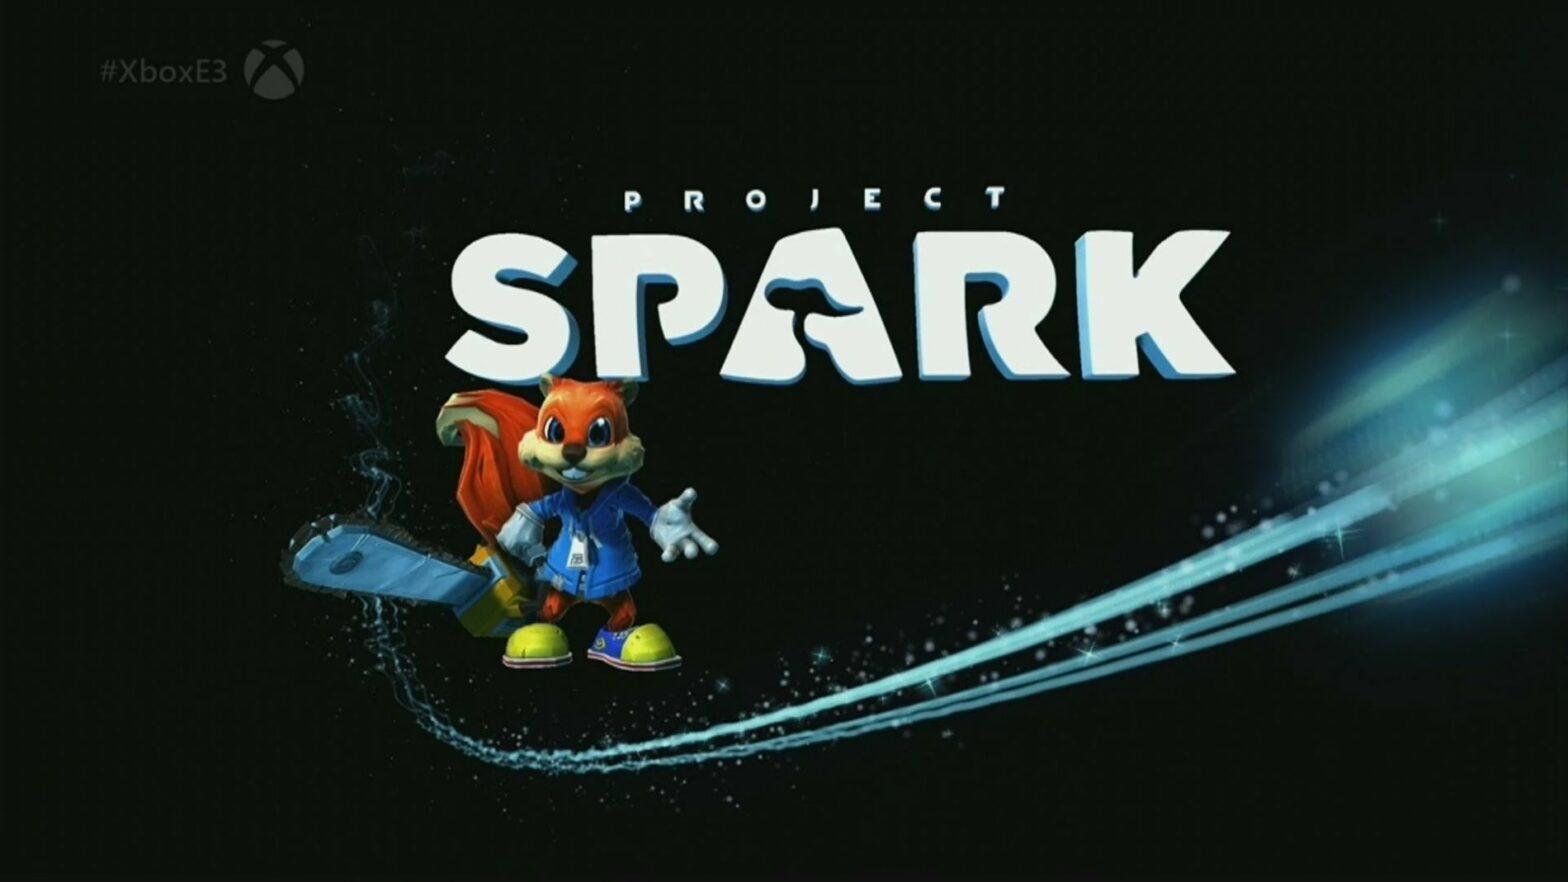 Conker bekommt episodenhaftes Spiel in Project Spark